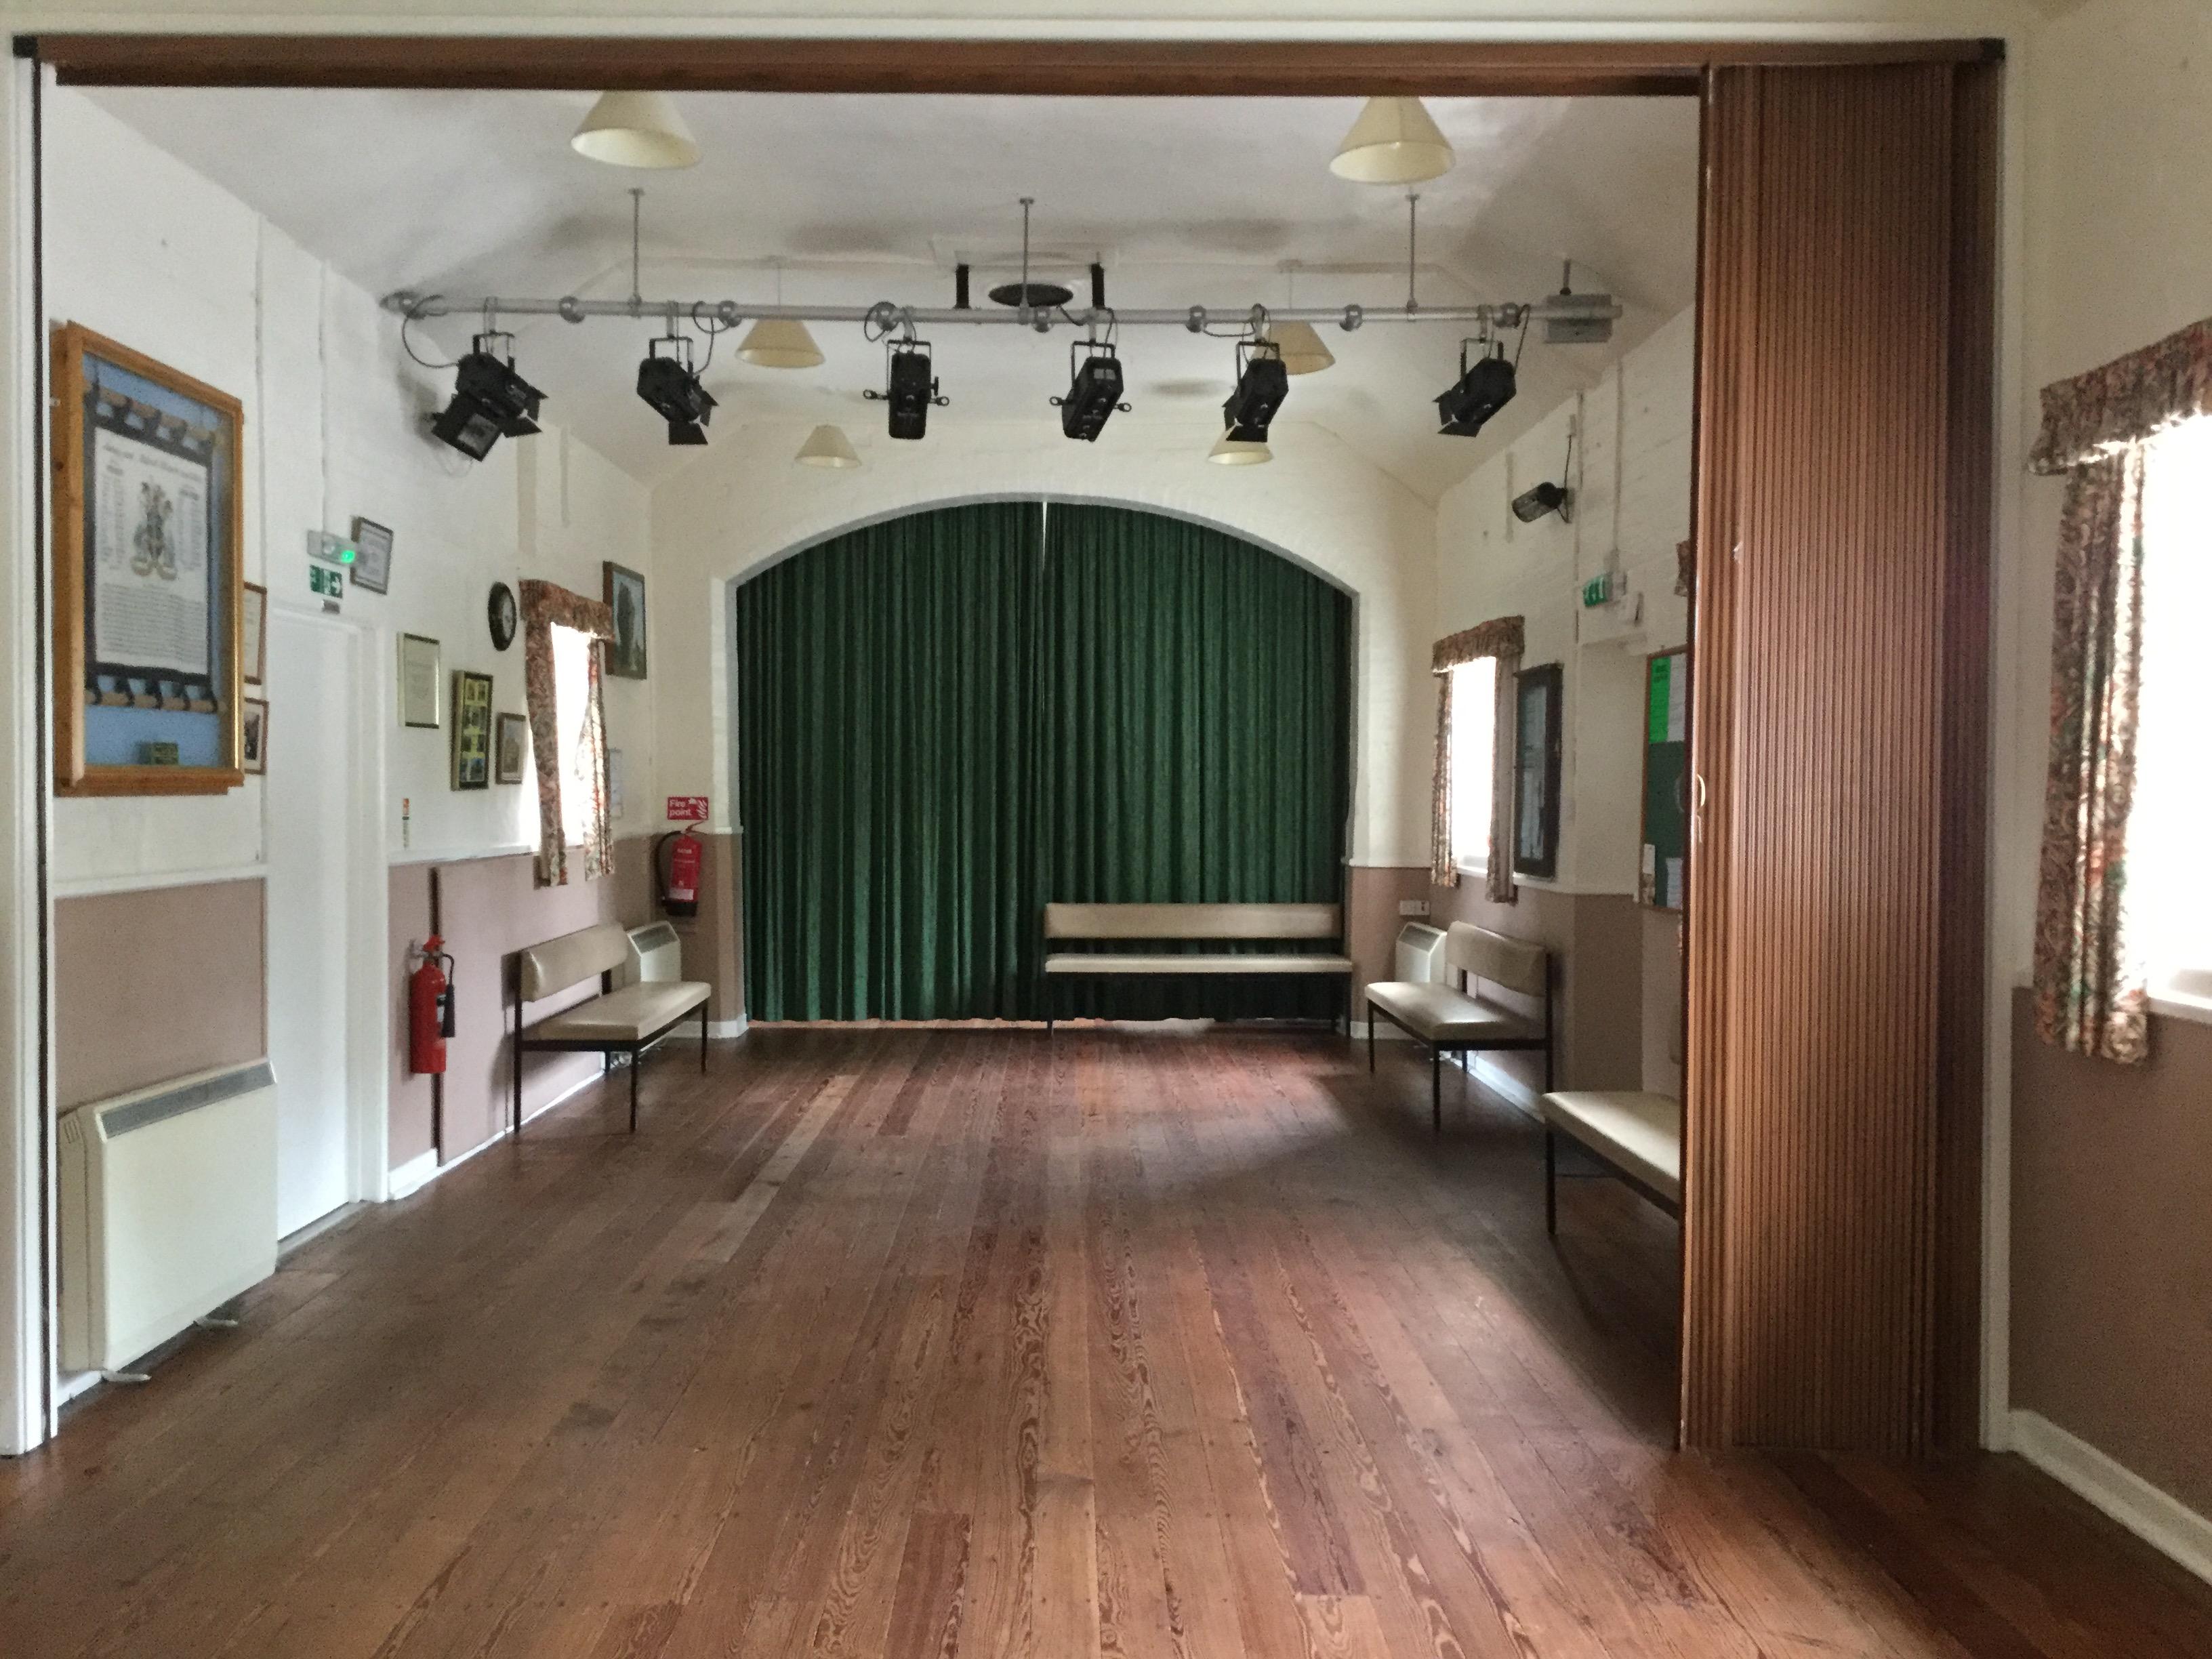 Avebury Social Centre